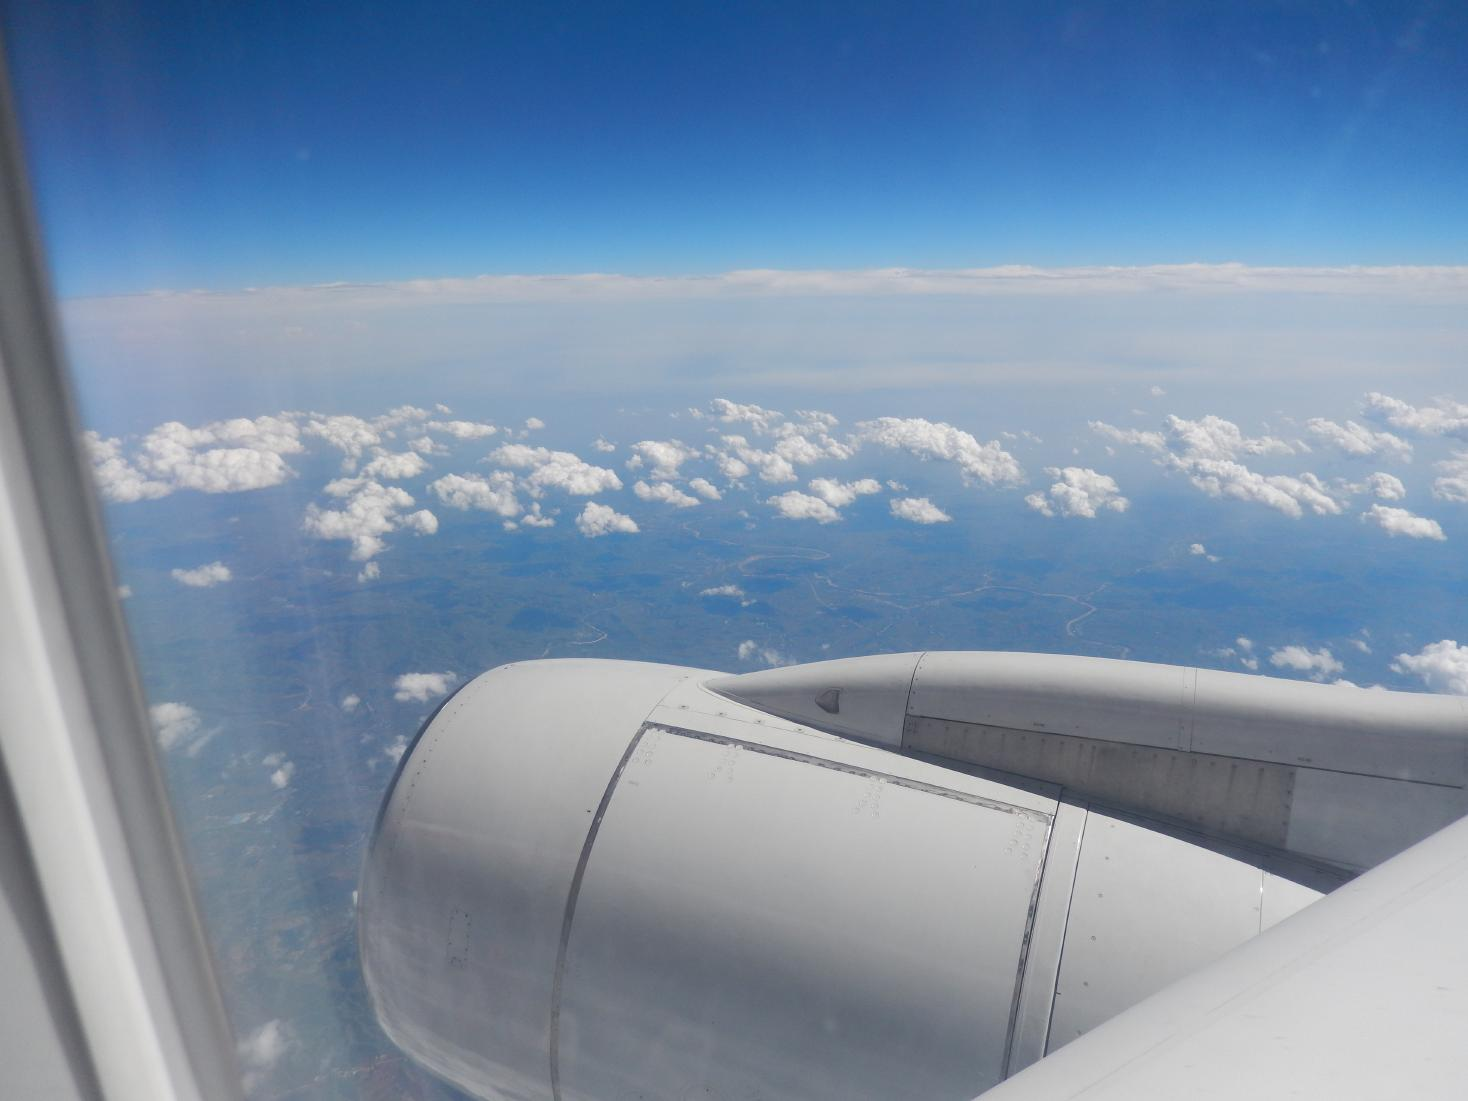 高麗航空の乗り心地はいかに?_b0235153_18443738.jpg